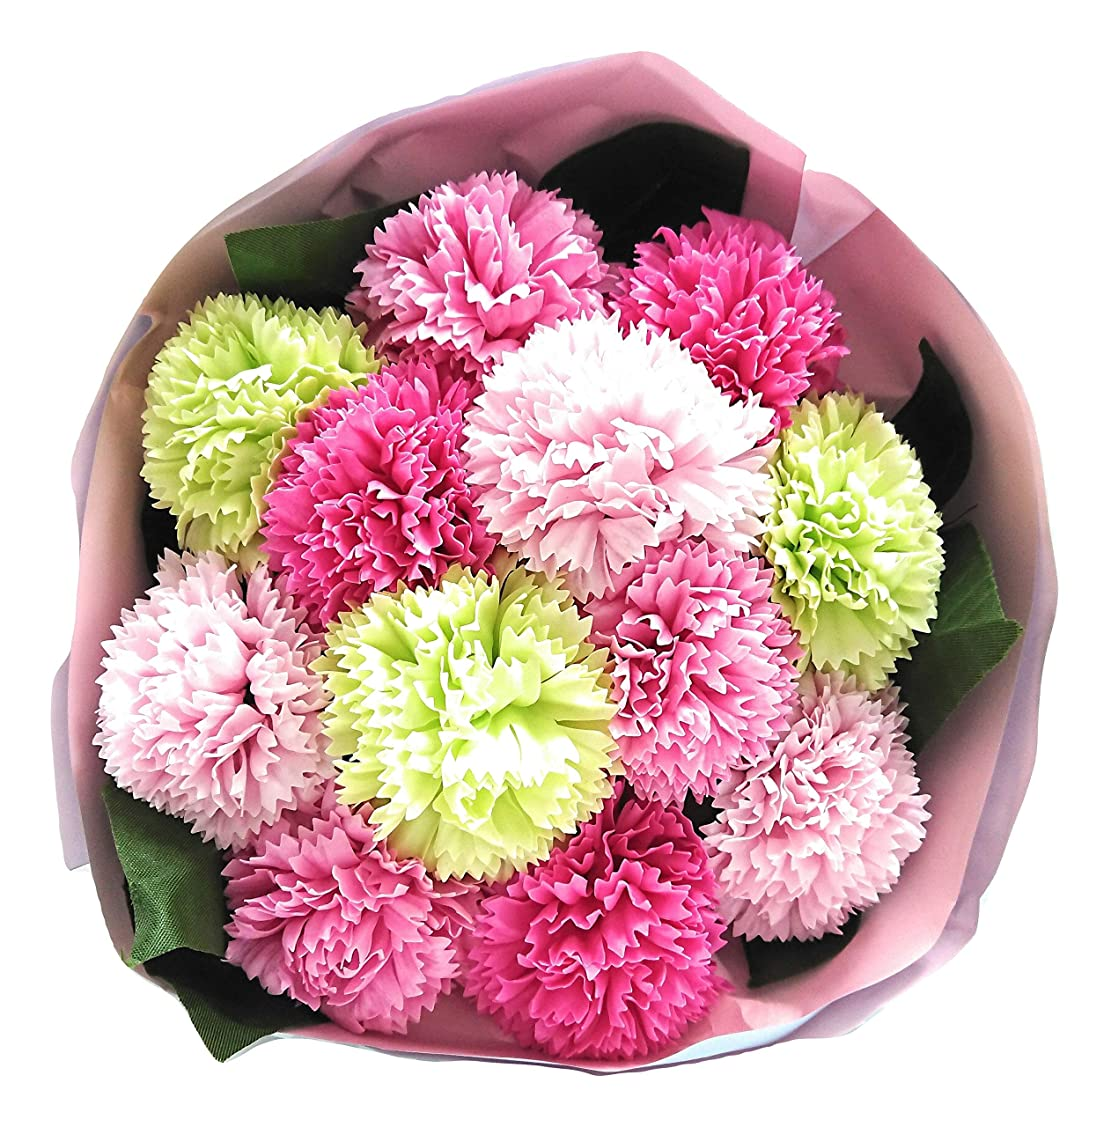 アラート可決犯人バスフレグランス バスフラワー カーネーションブーケ 母の日 ギフト お花の形の入浴剤 (PINK MIX)